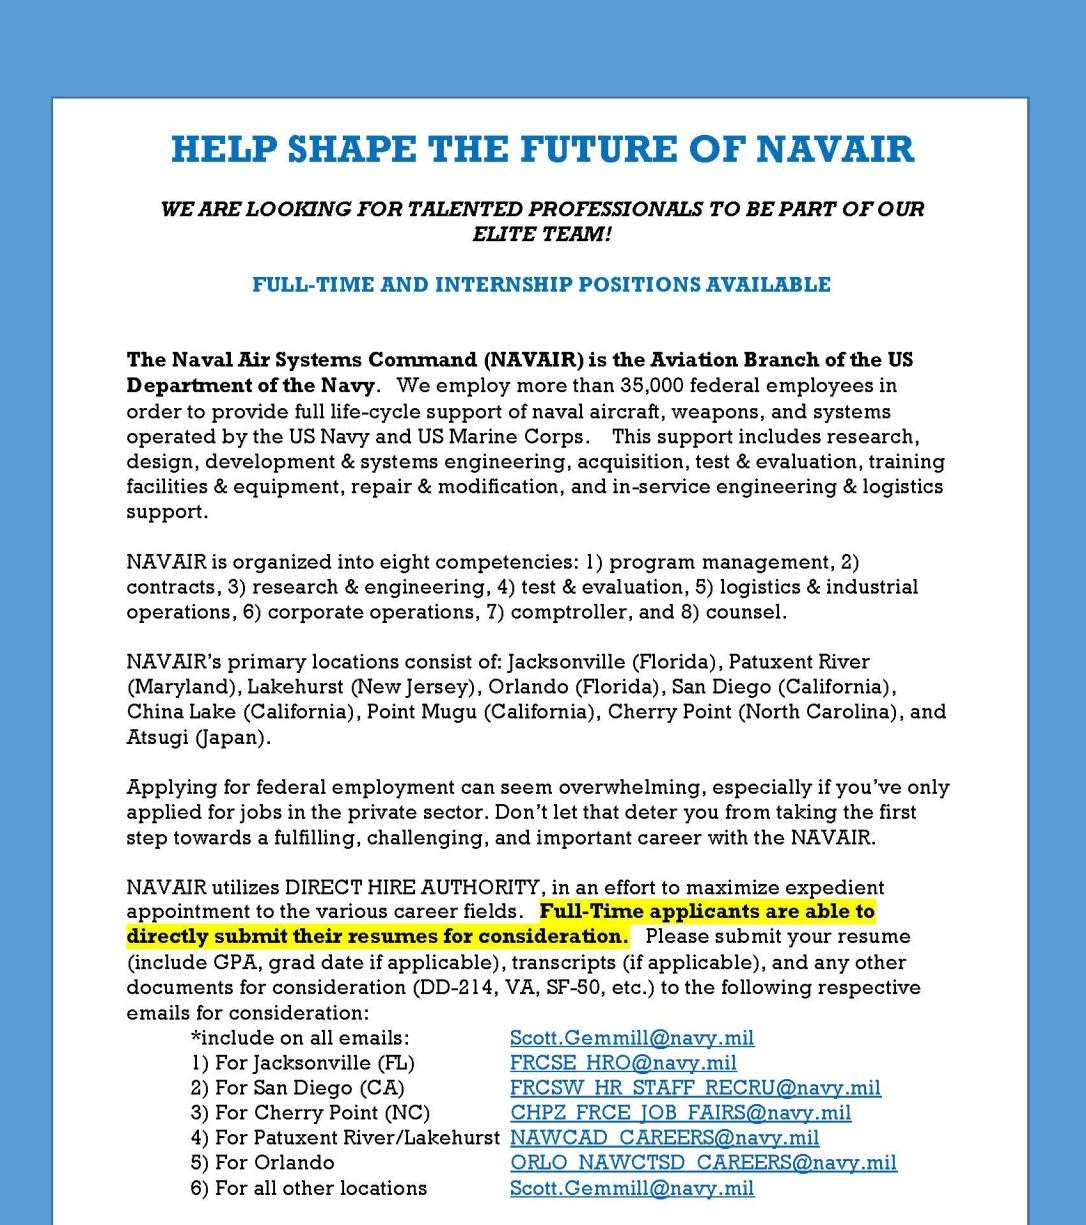 NAVAIR_Page_1.jpg